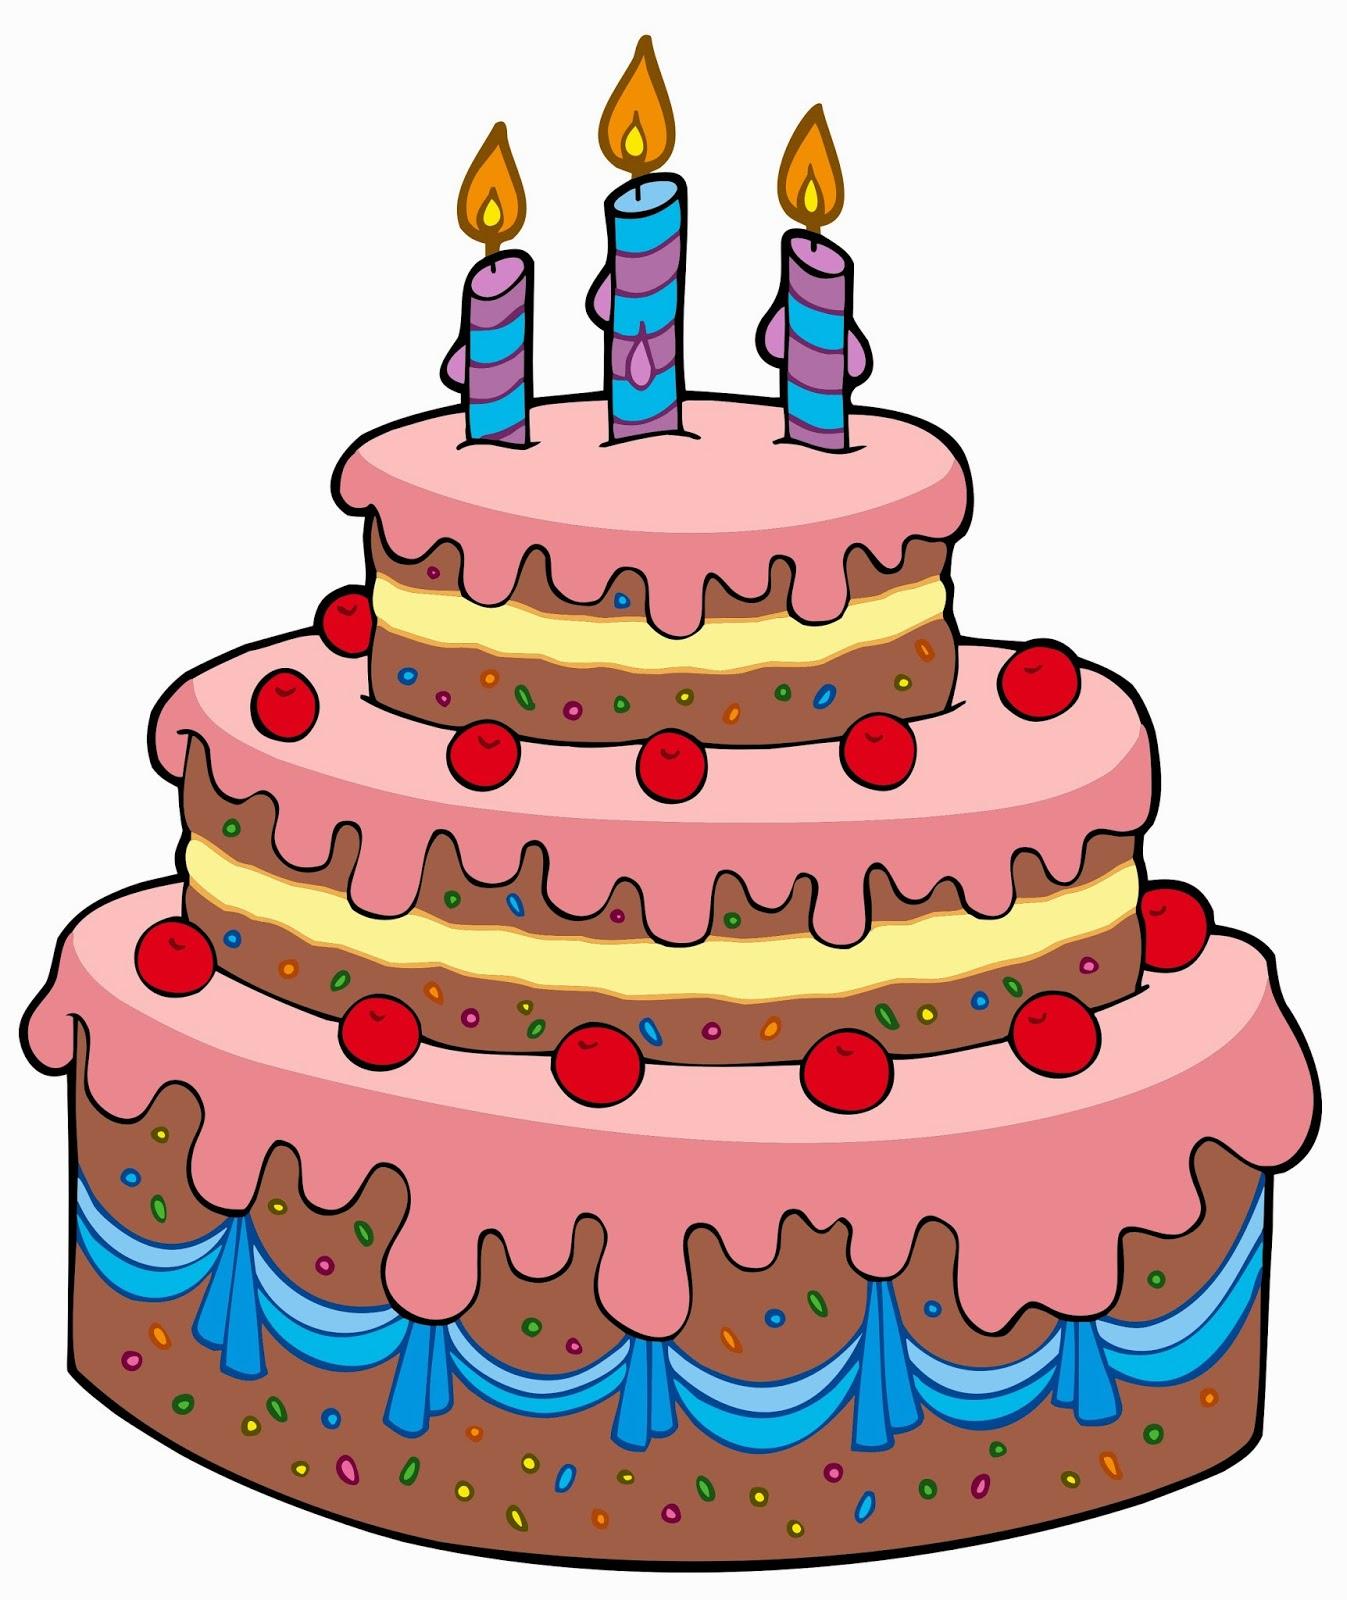 Поздравления с днем рождения на таджикском для мужчины